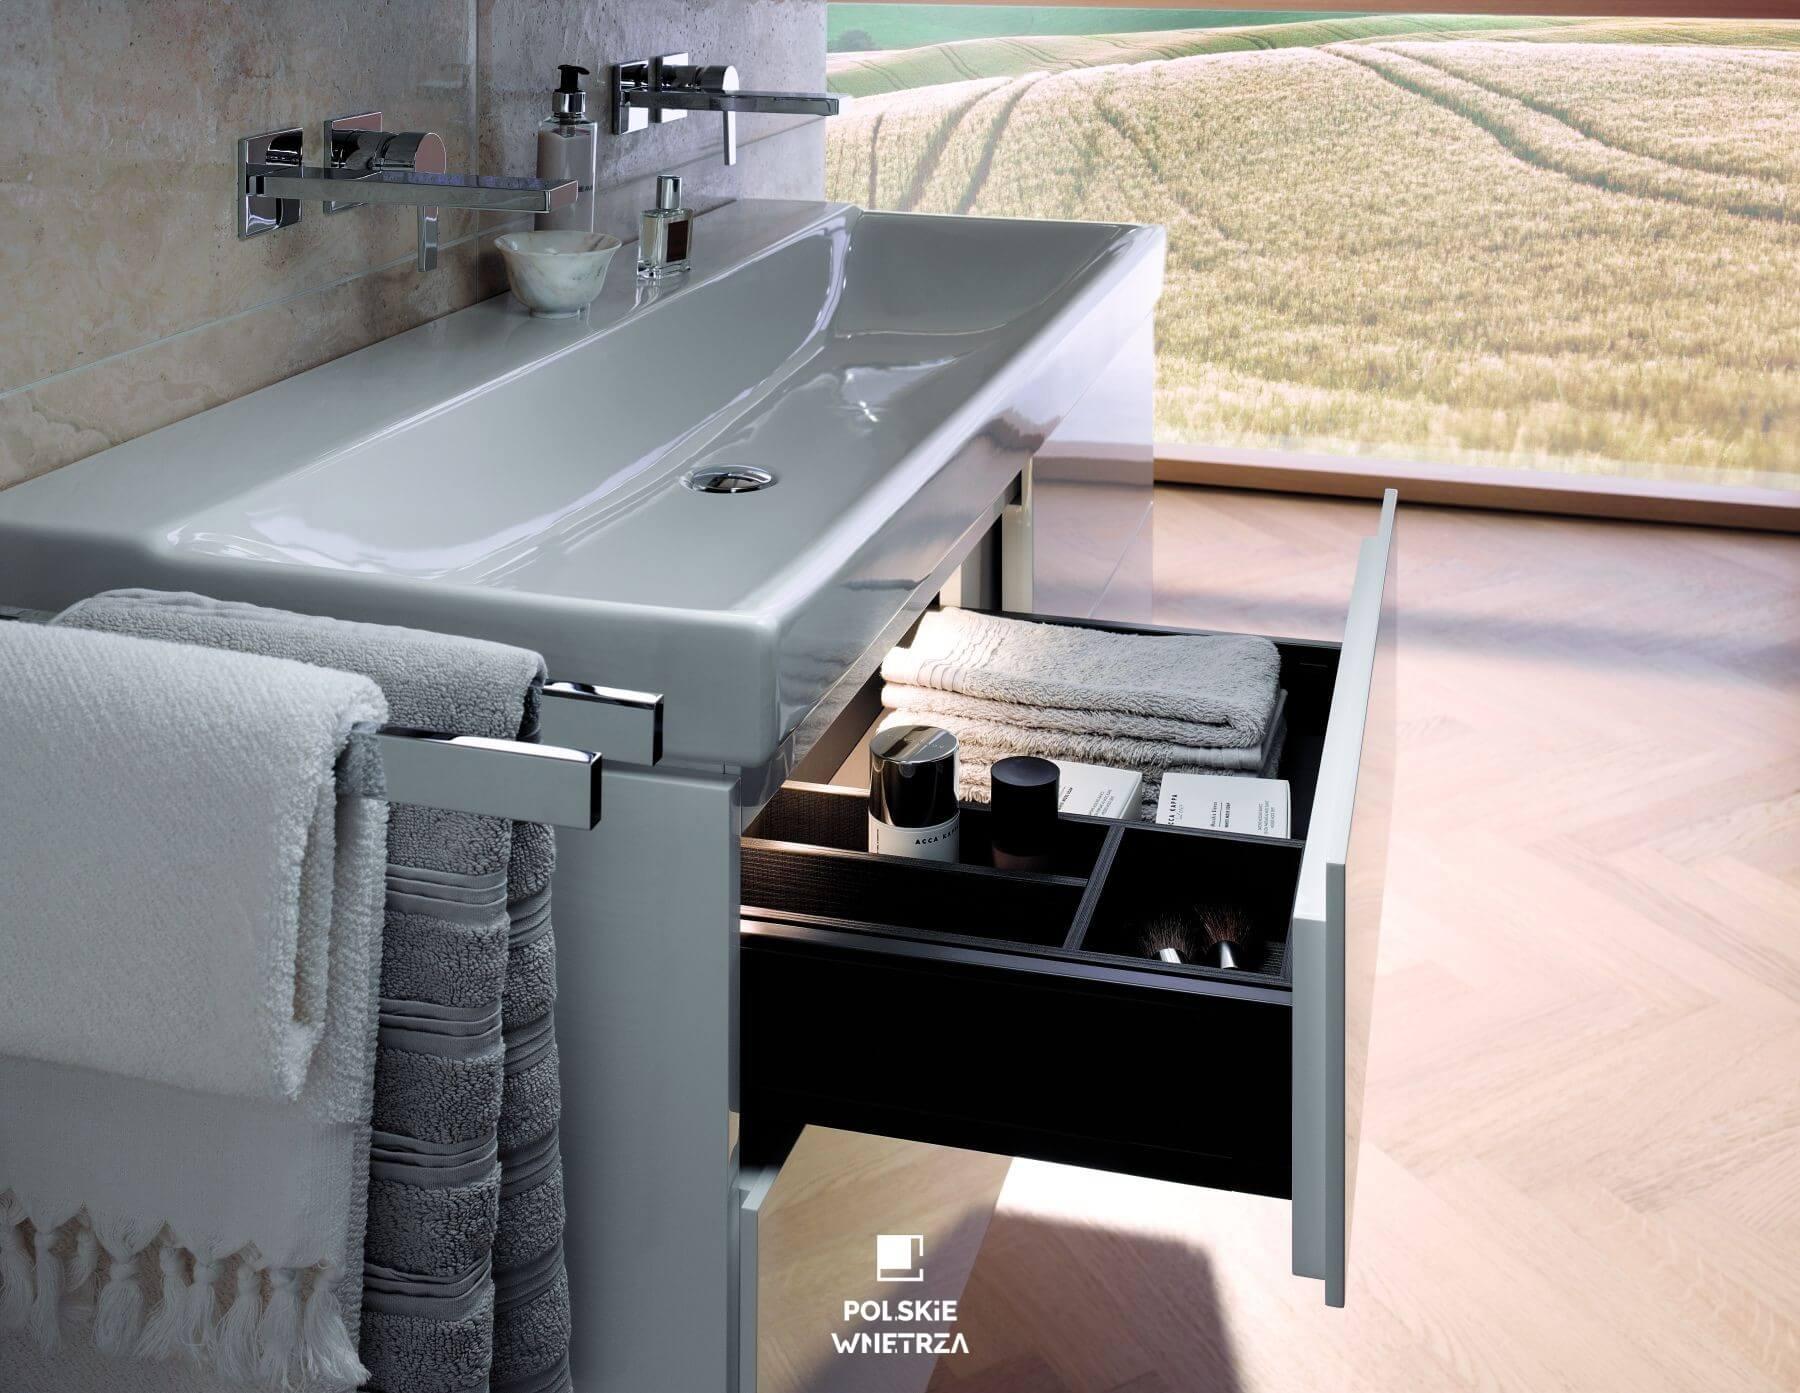 Jak wybrać najlepszą umywalkę do łazienki? Polskie Wnętrza - Projekty wnętrz polskich projektantów